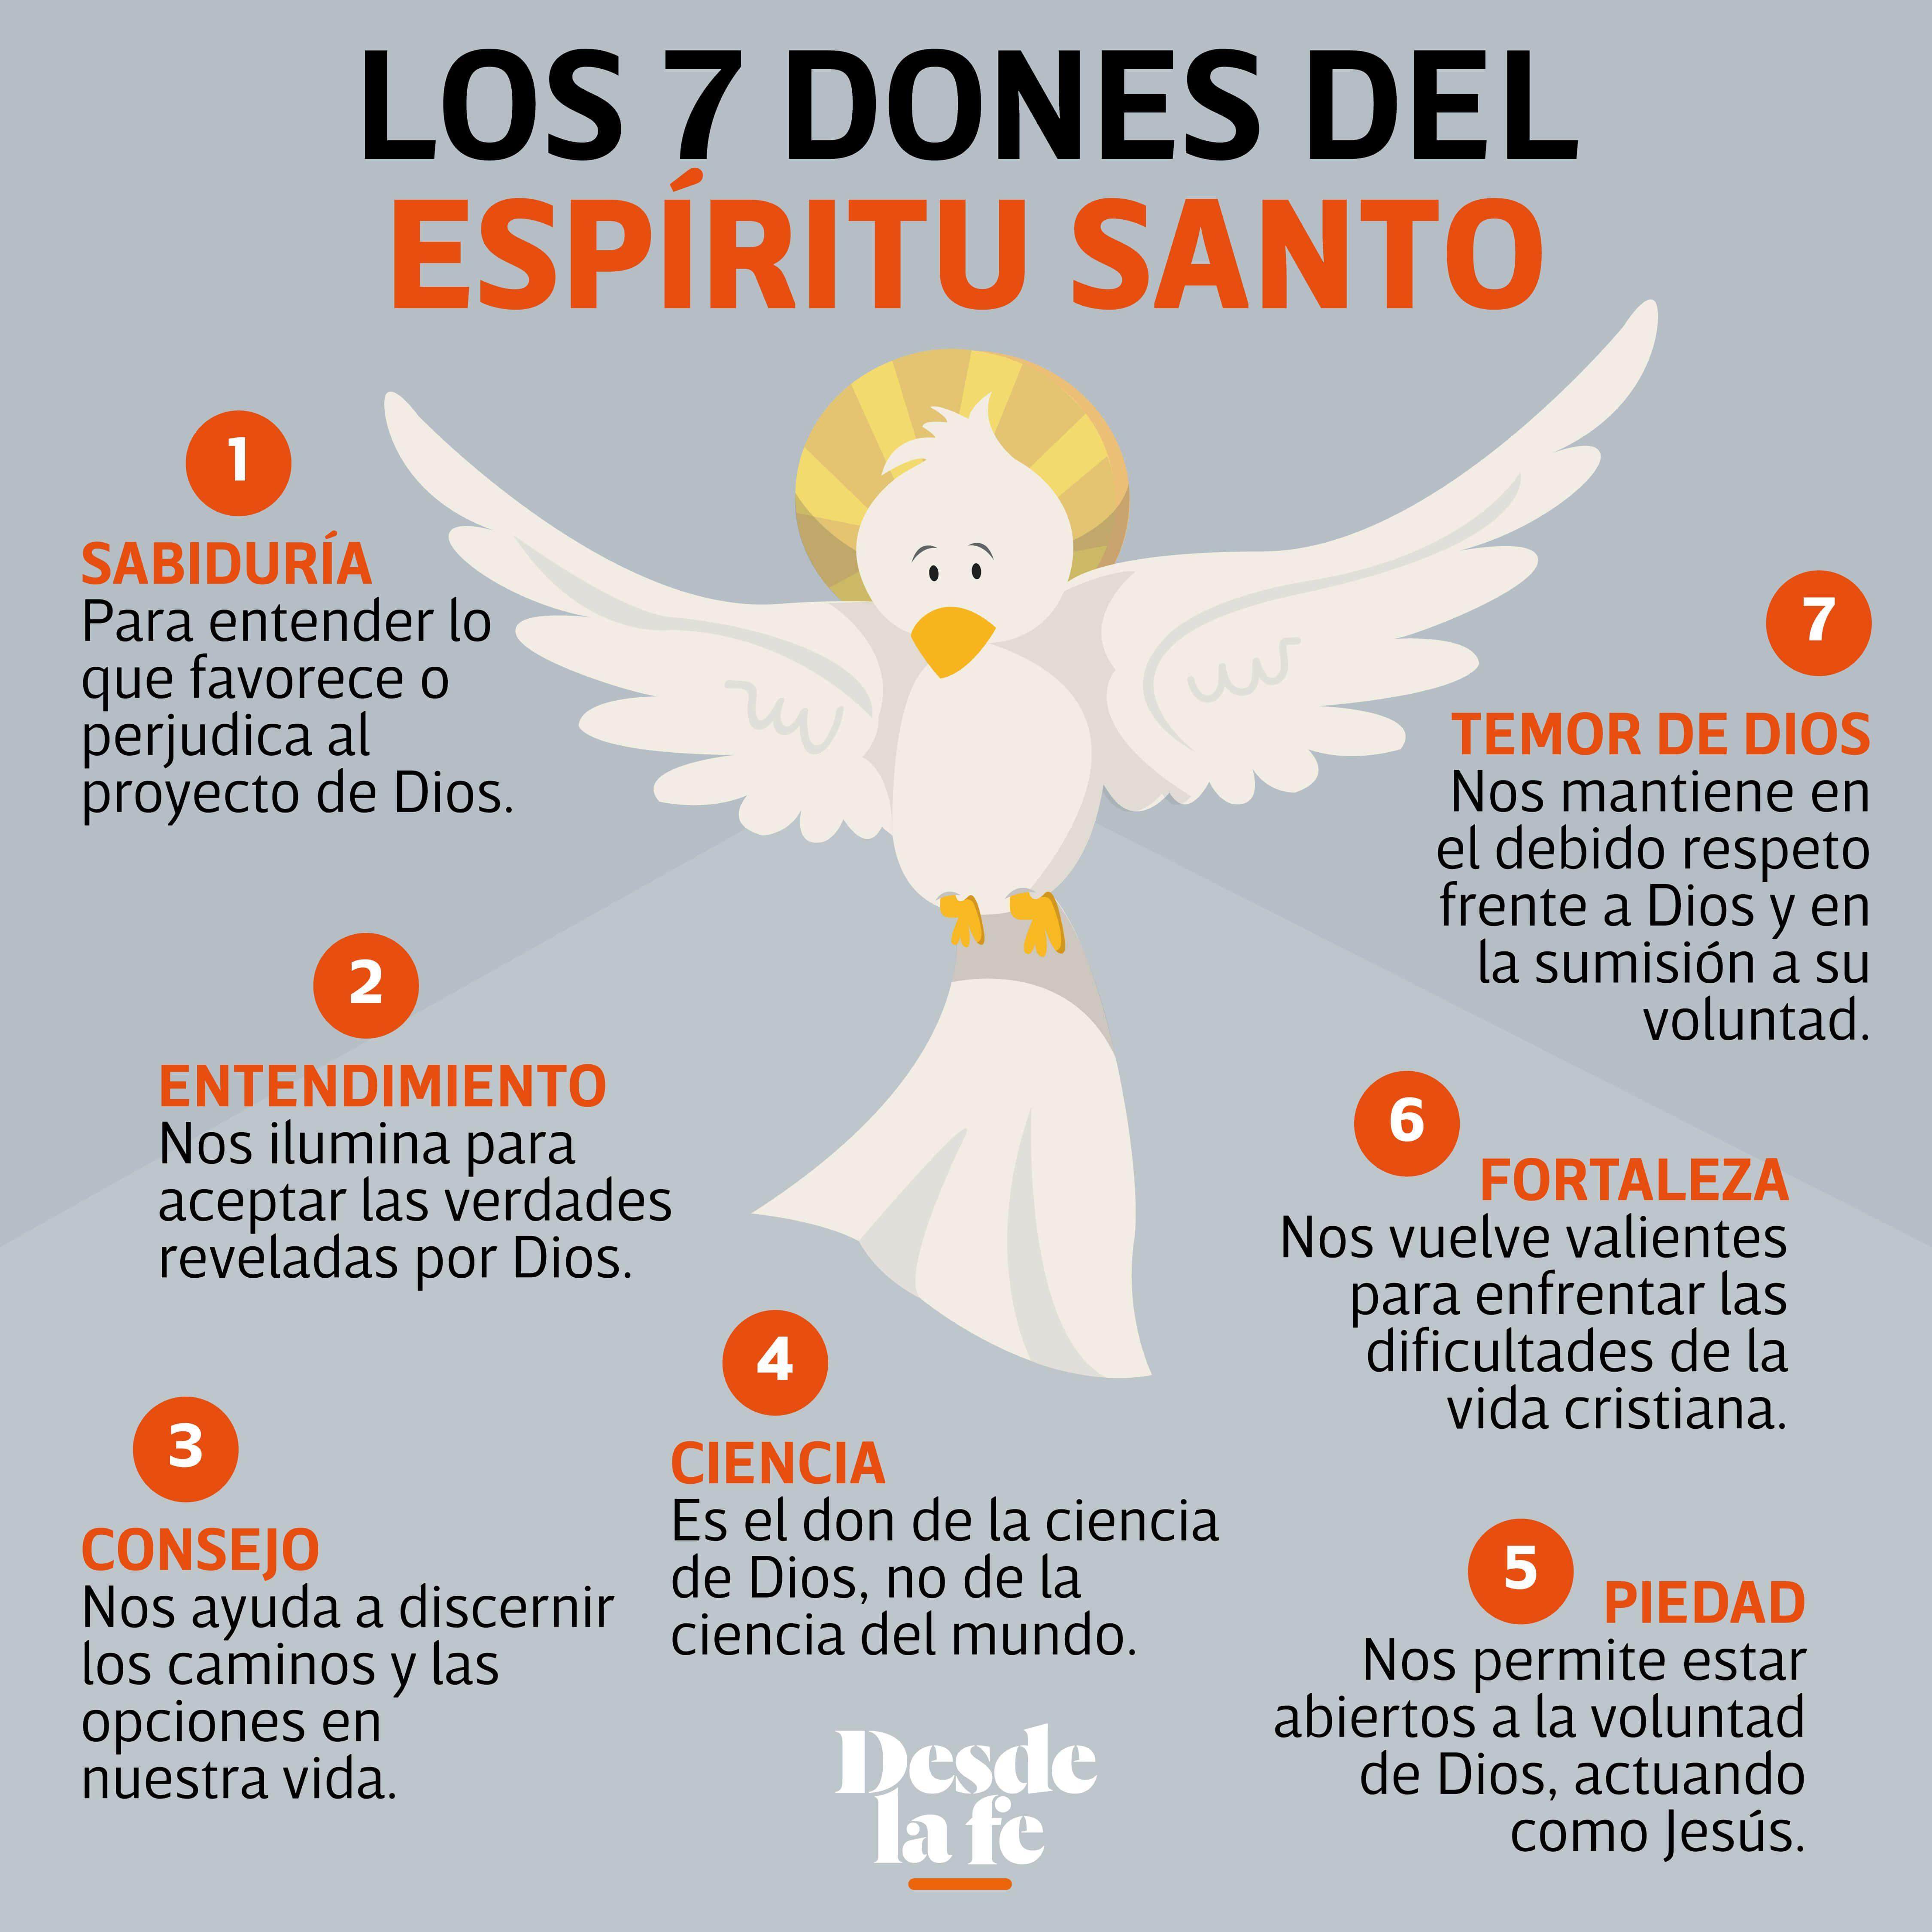 ¿Cuáles son los 7 dones del Espíritu Santo? El Papa nos explica